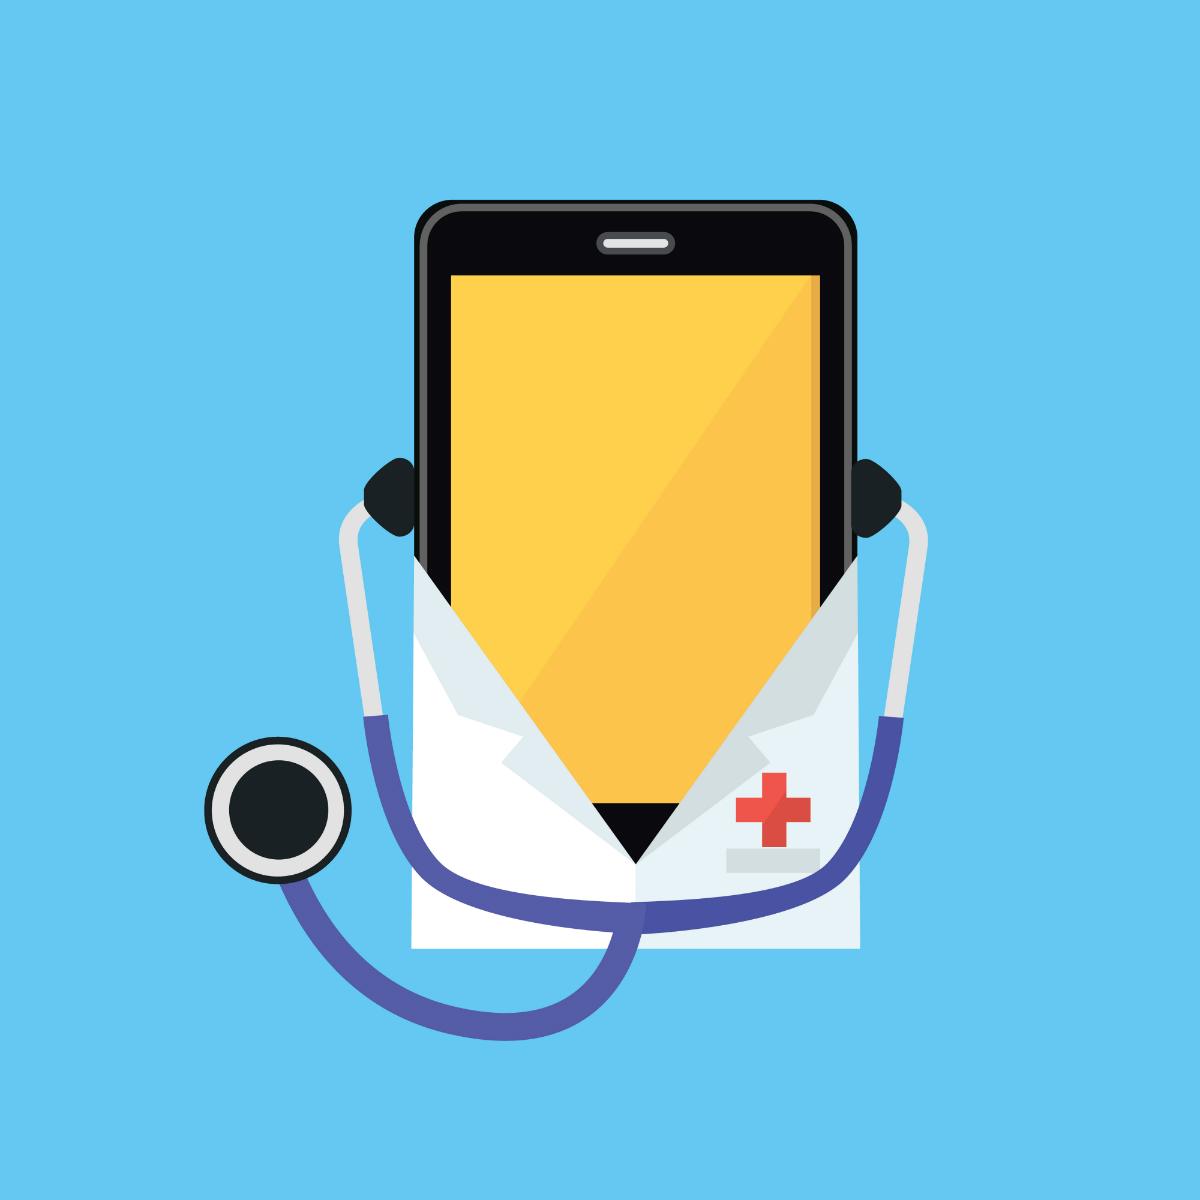 """В скоро време няма да се налага да казваме на лекаря си какво не ни е наред, а просто ще му показваме смартфона си, който ще ни е """"прегледал"""" предварително."""